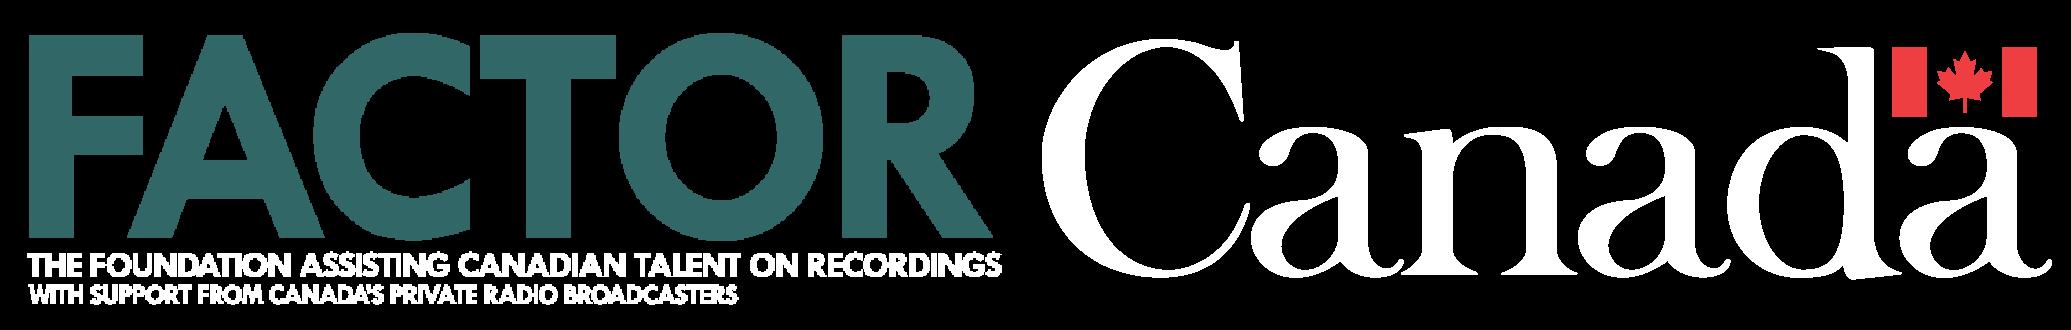 FACTOR logo.png